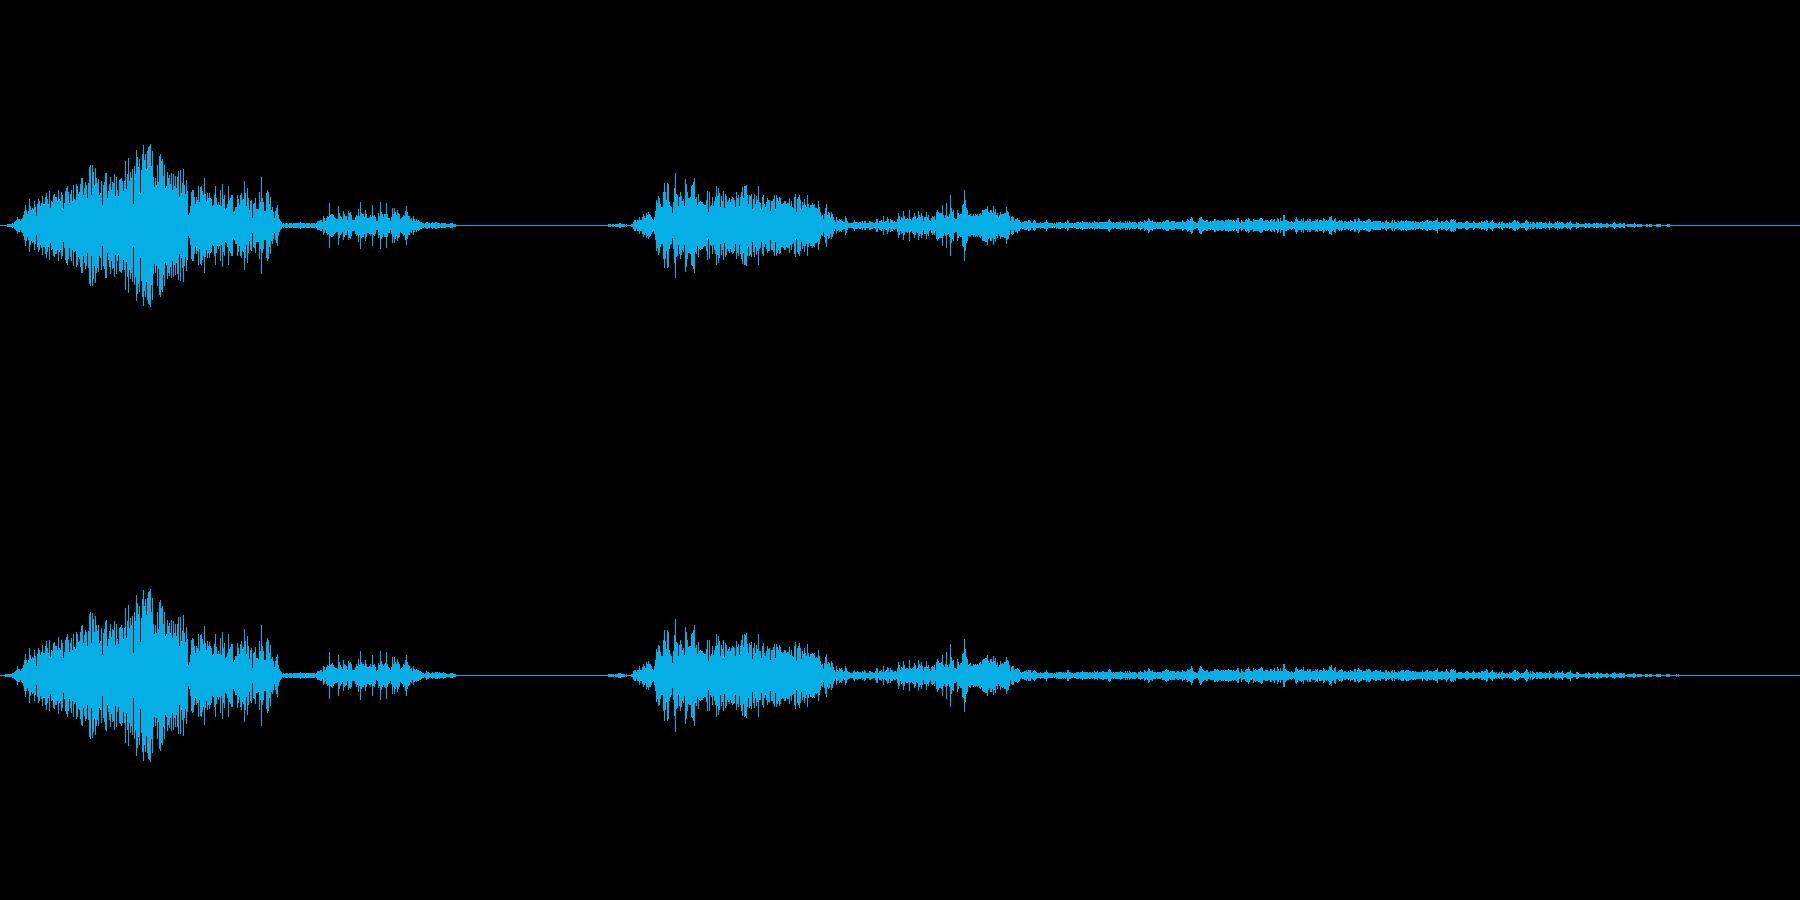 低声の成長その他の人間の声の再生済みの波形